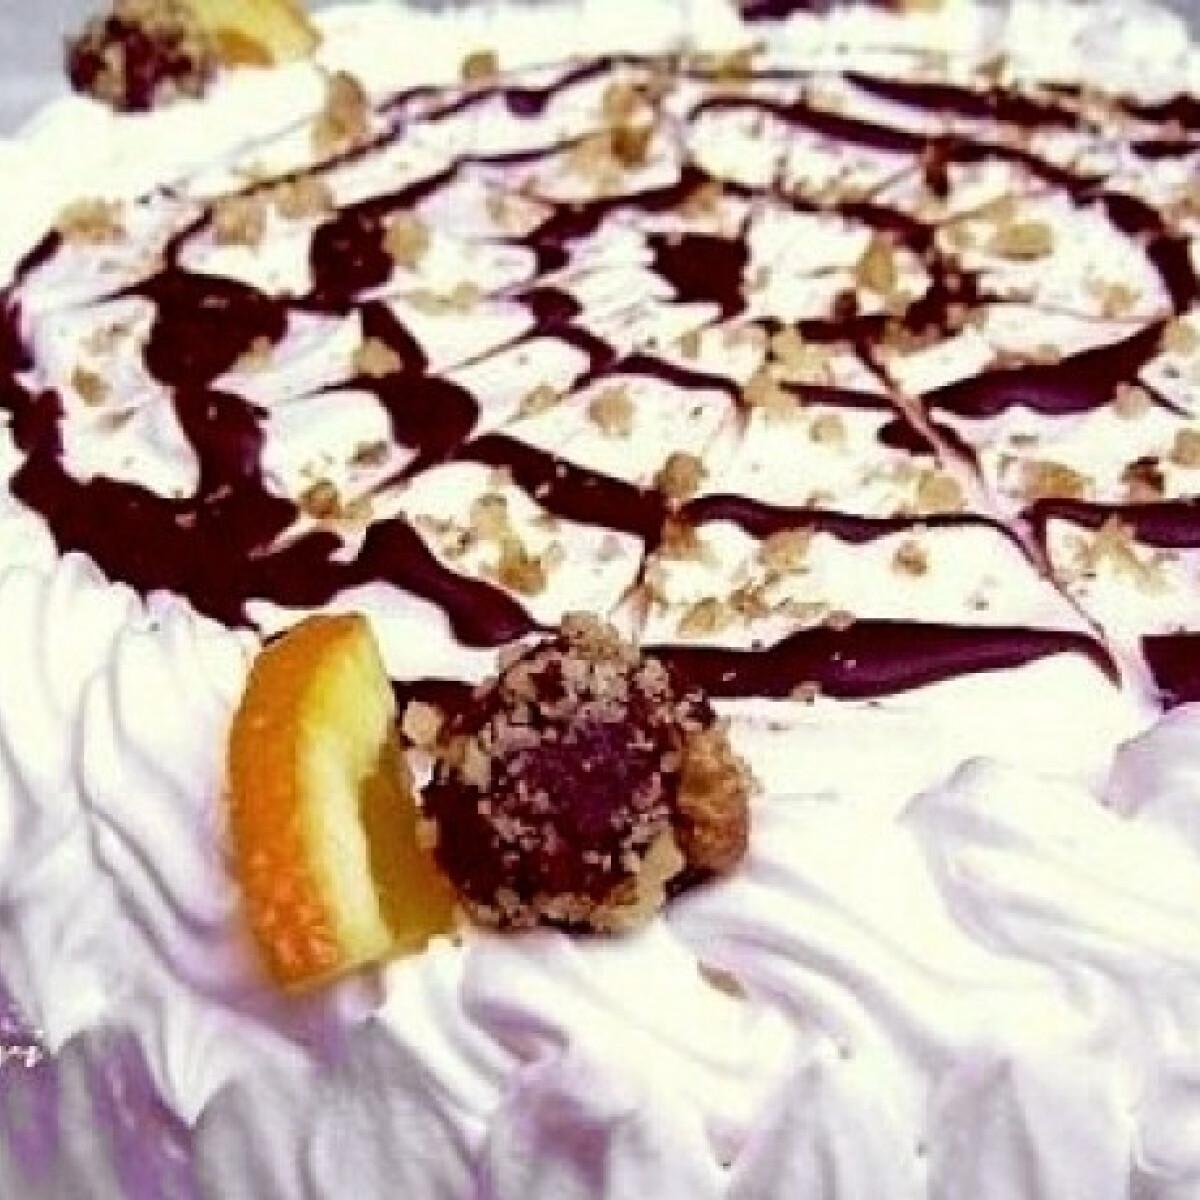 Somlói torta klivi konyhájából